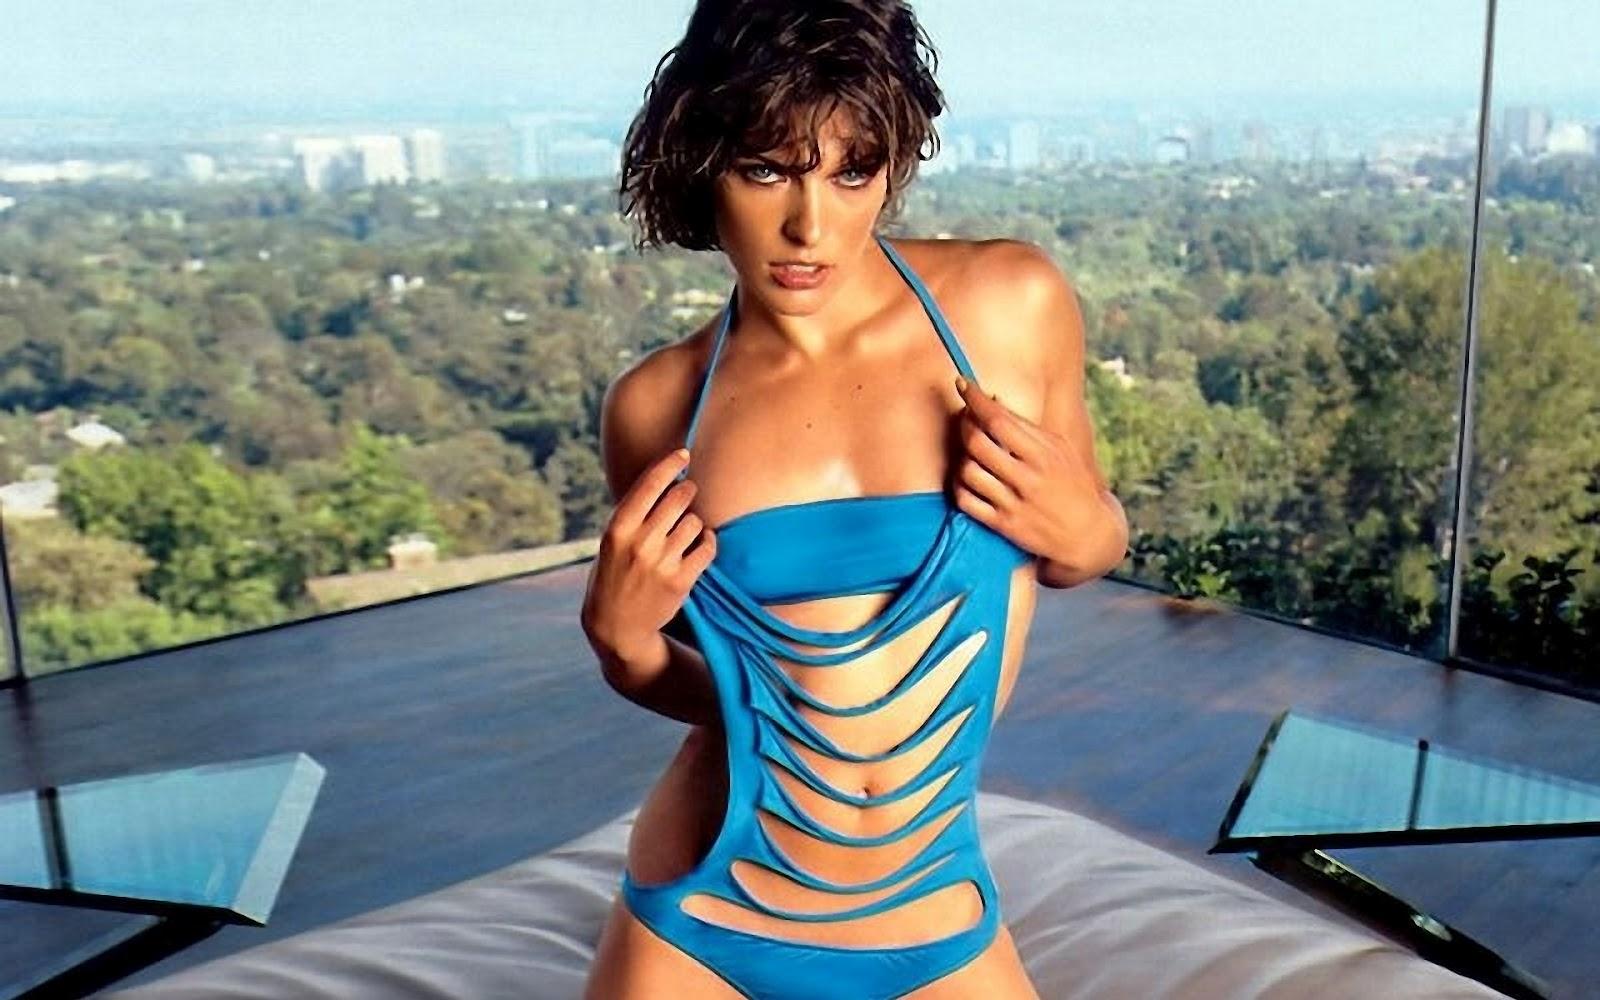 http://3.bp.blogspot.com/-6Me20XAwa8E/UB-WGTcMD2I/AAAAAAAALWg/qdBcmddhtD8/s1600/milla-jovovich-blue-bikini.jpg